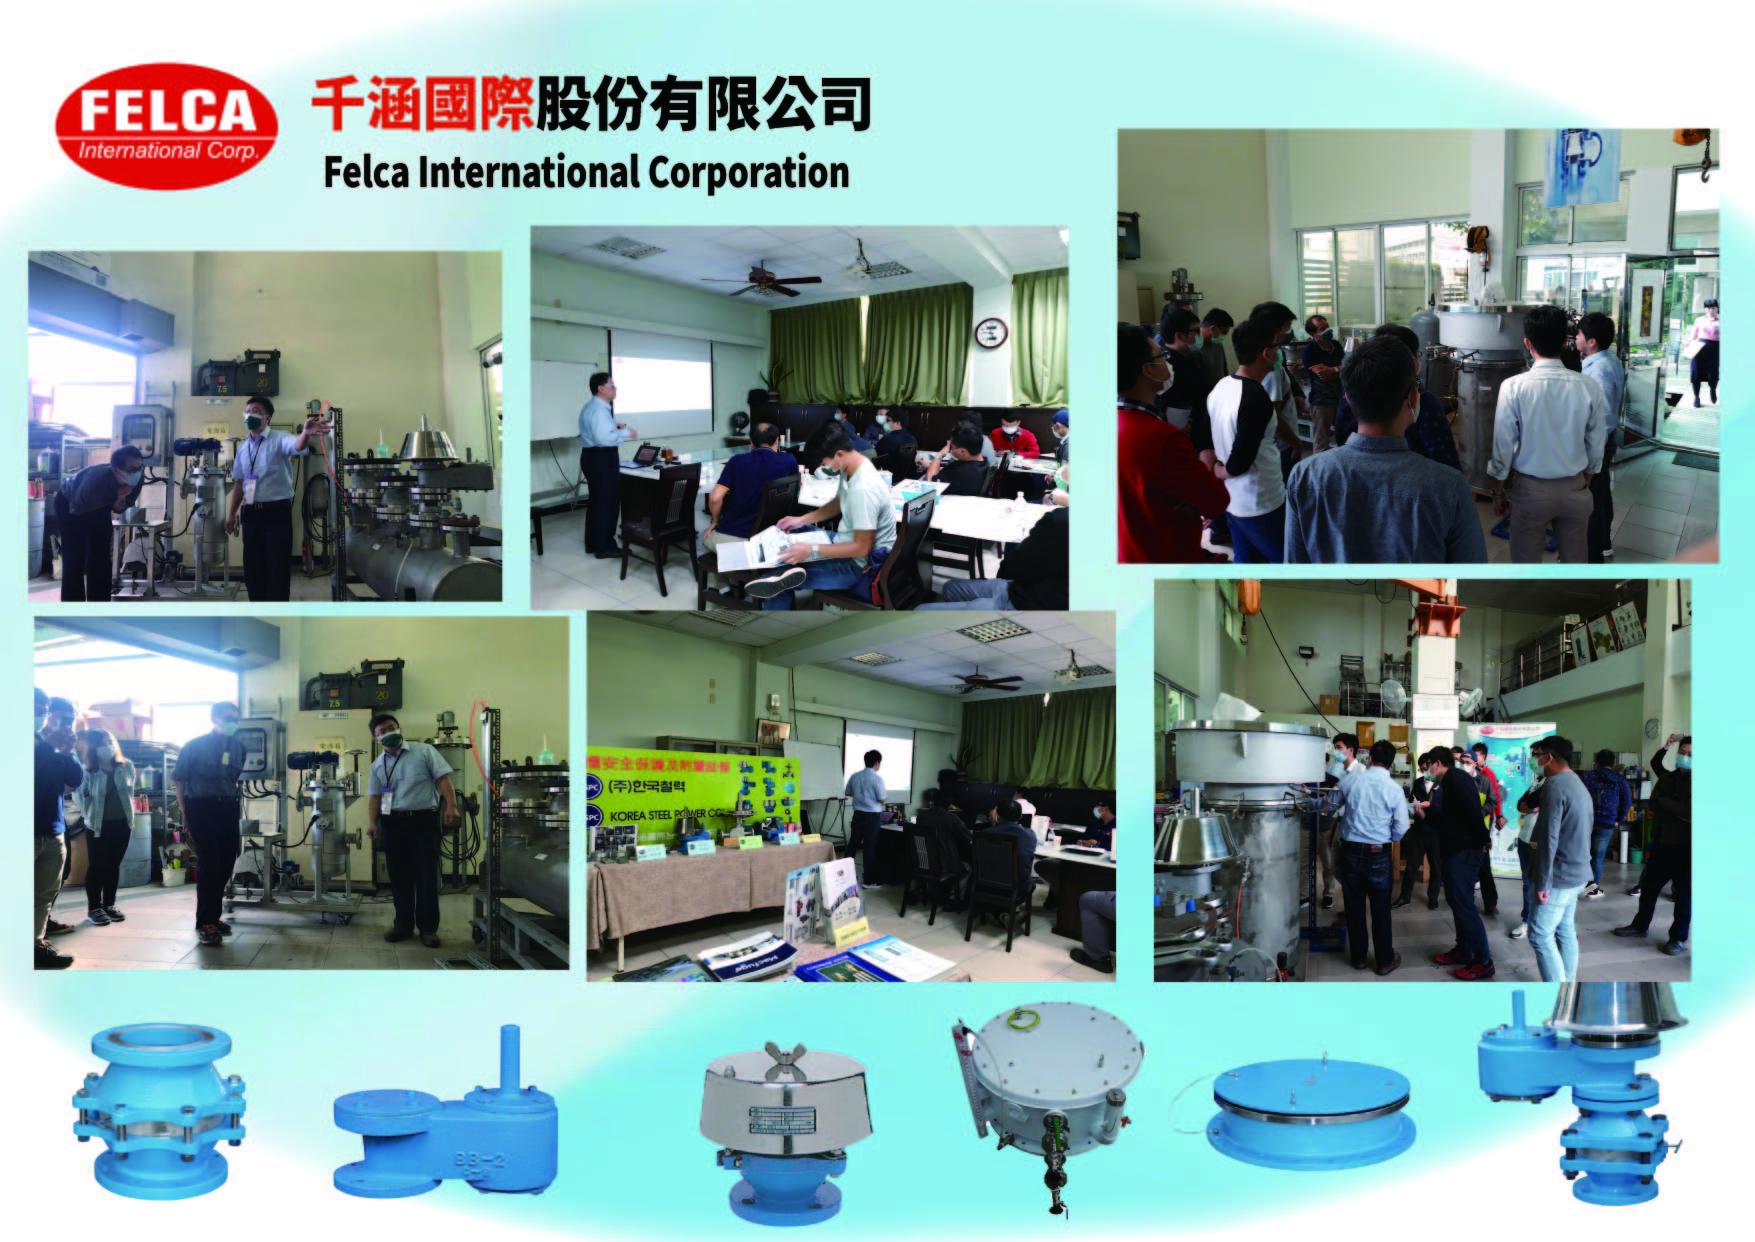 儲槽安全保護及附屬設備品介紹及技術研討會